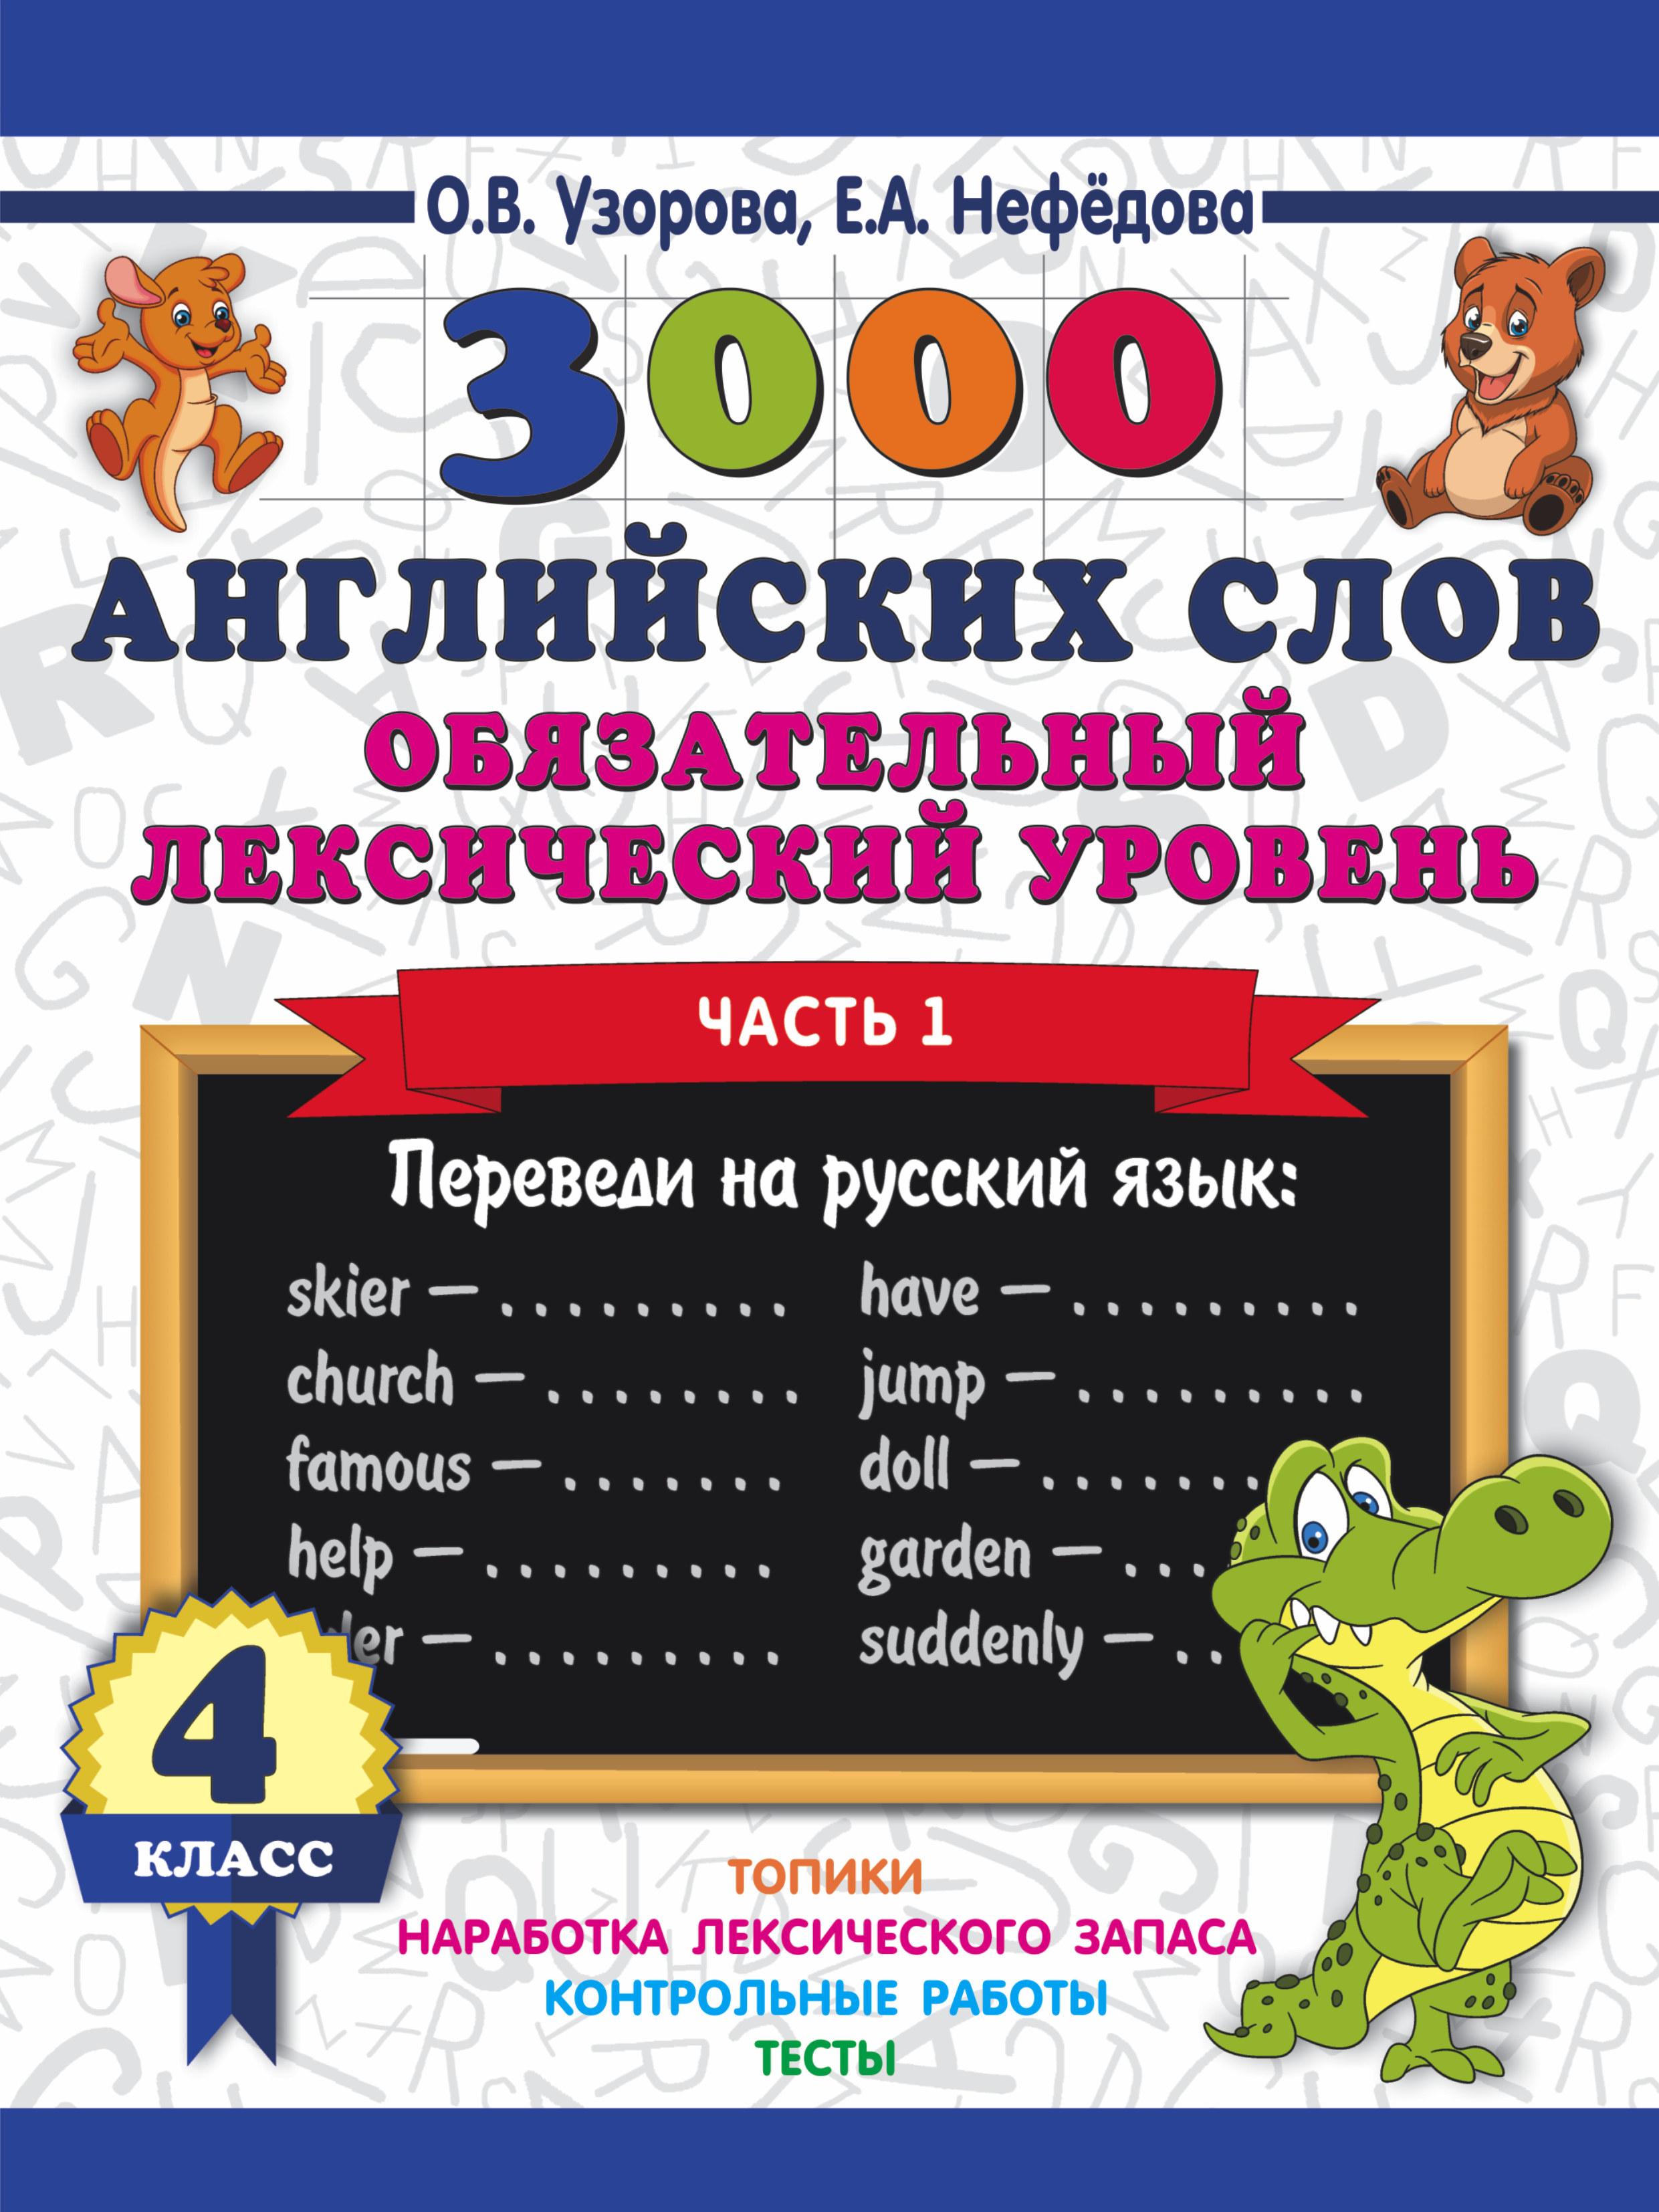 3000 английских слов. Обязательный лексический уровень 4 класс. Часть 1 ( Узорова О.В.  )